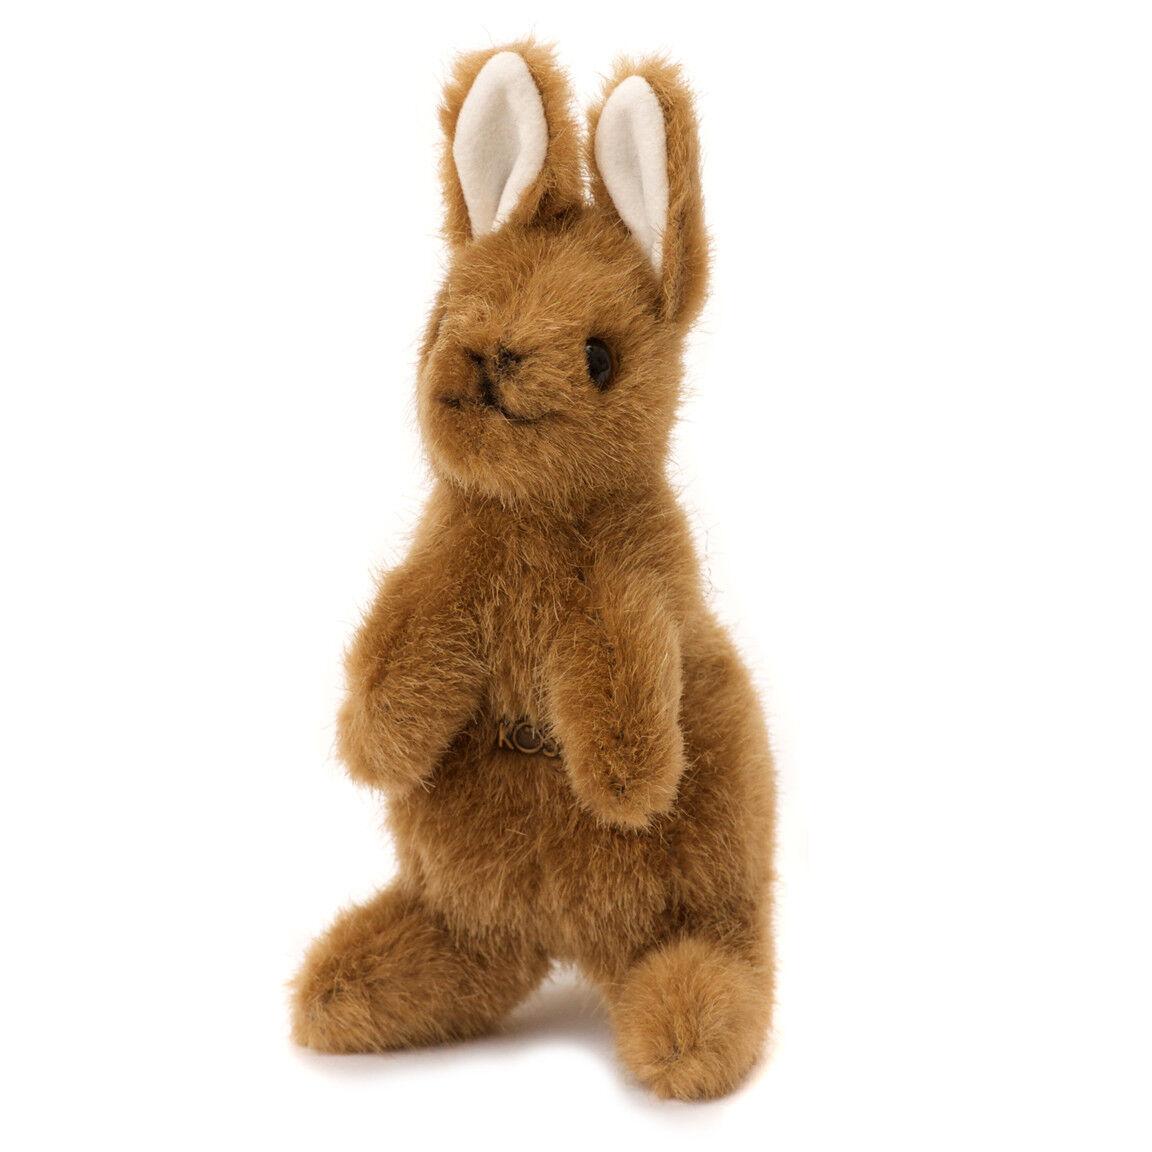 Mini Rabbit Splendido Collezionisti Morbido Peluche Peluche Peluche Giocattolo - Kosen   Kösen - af9fee